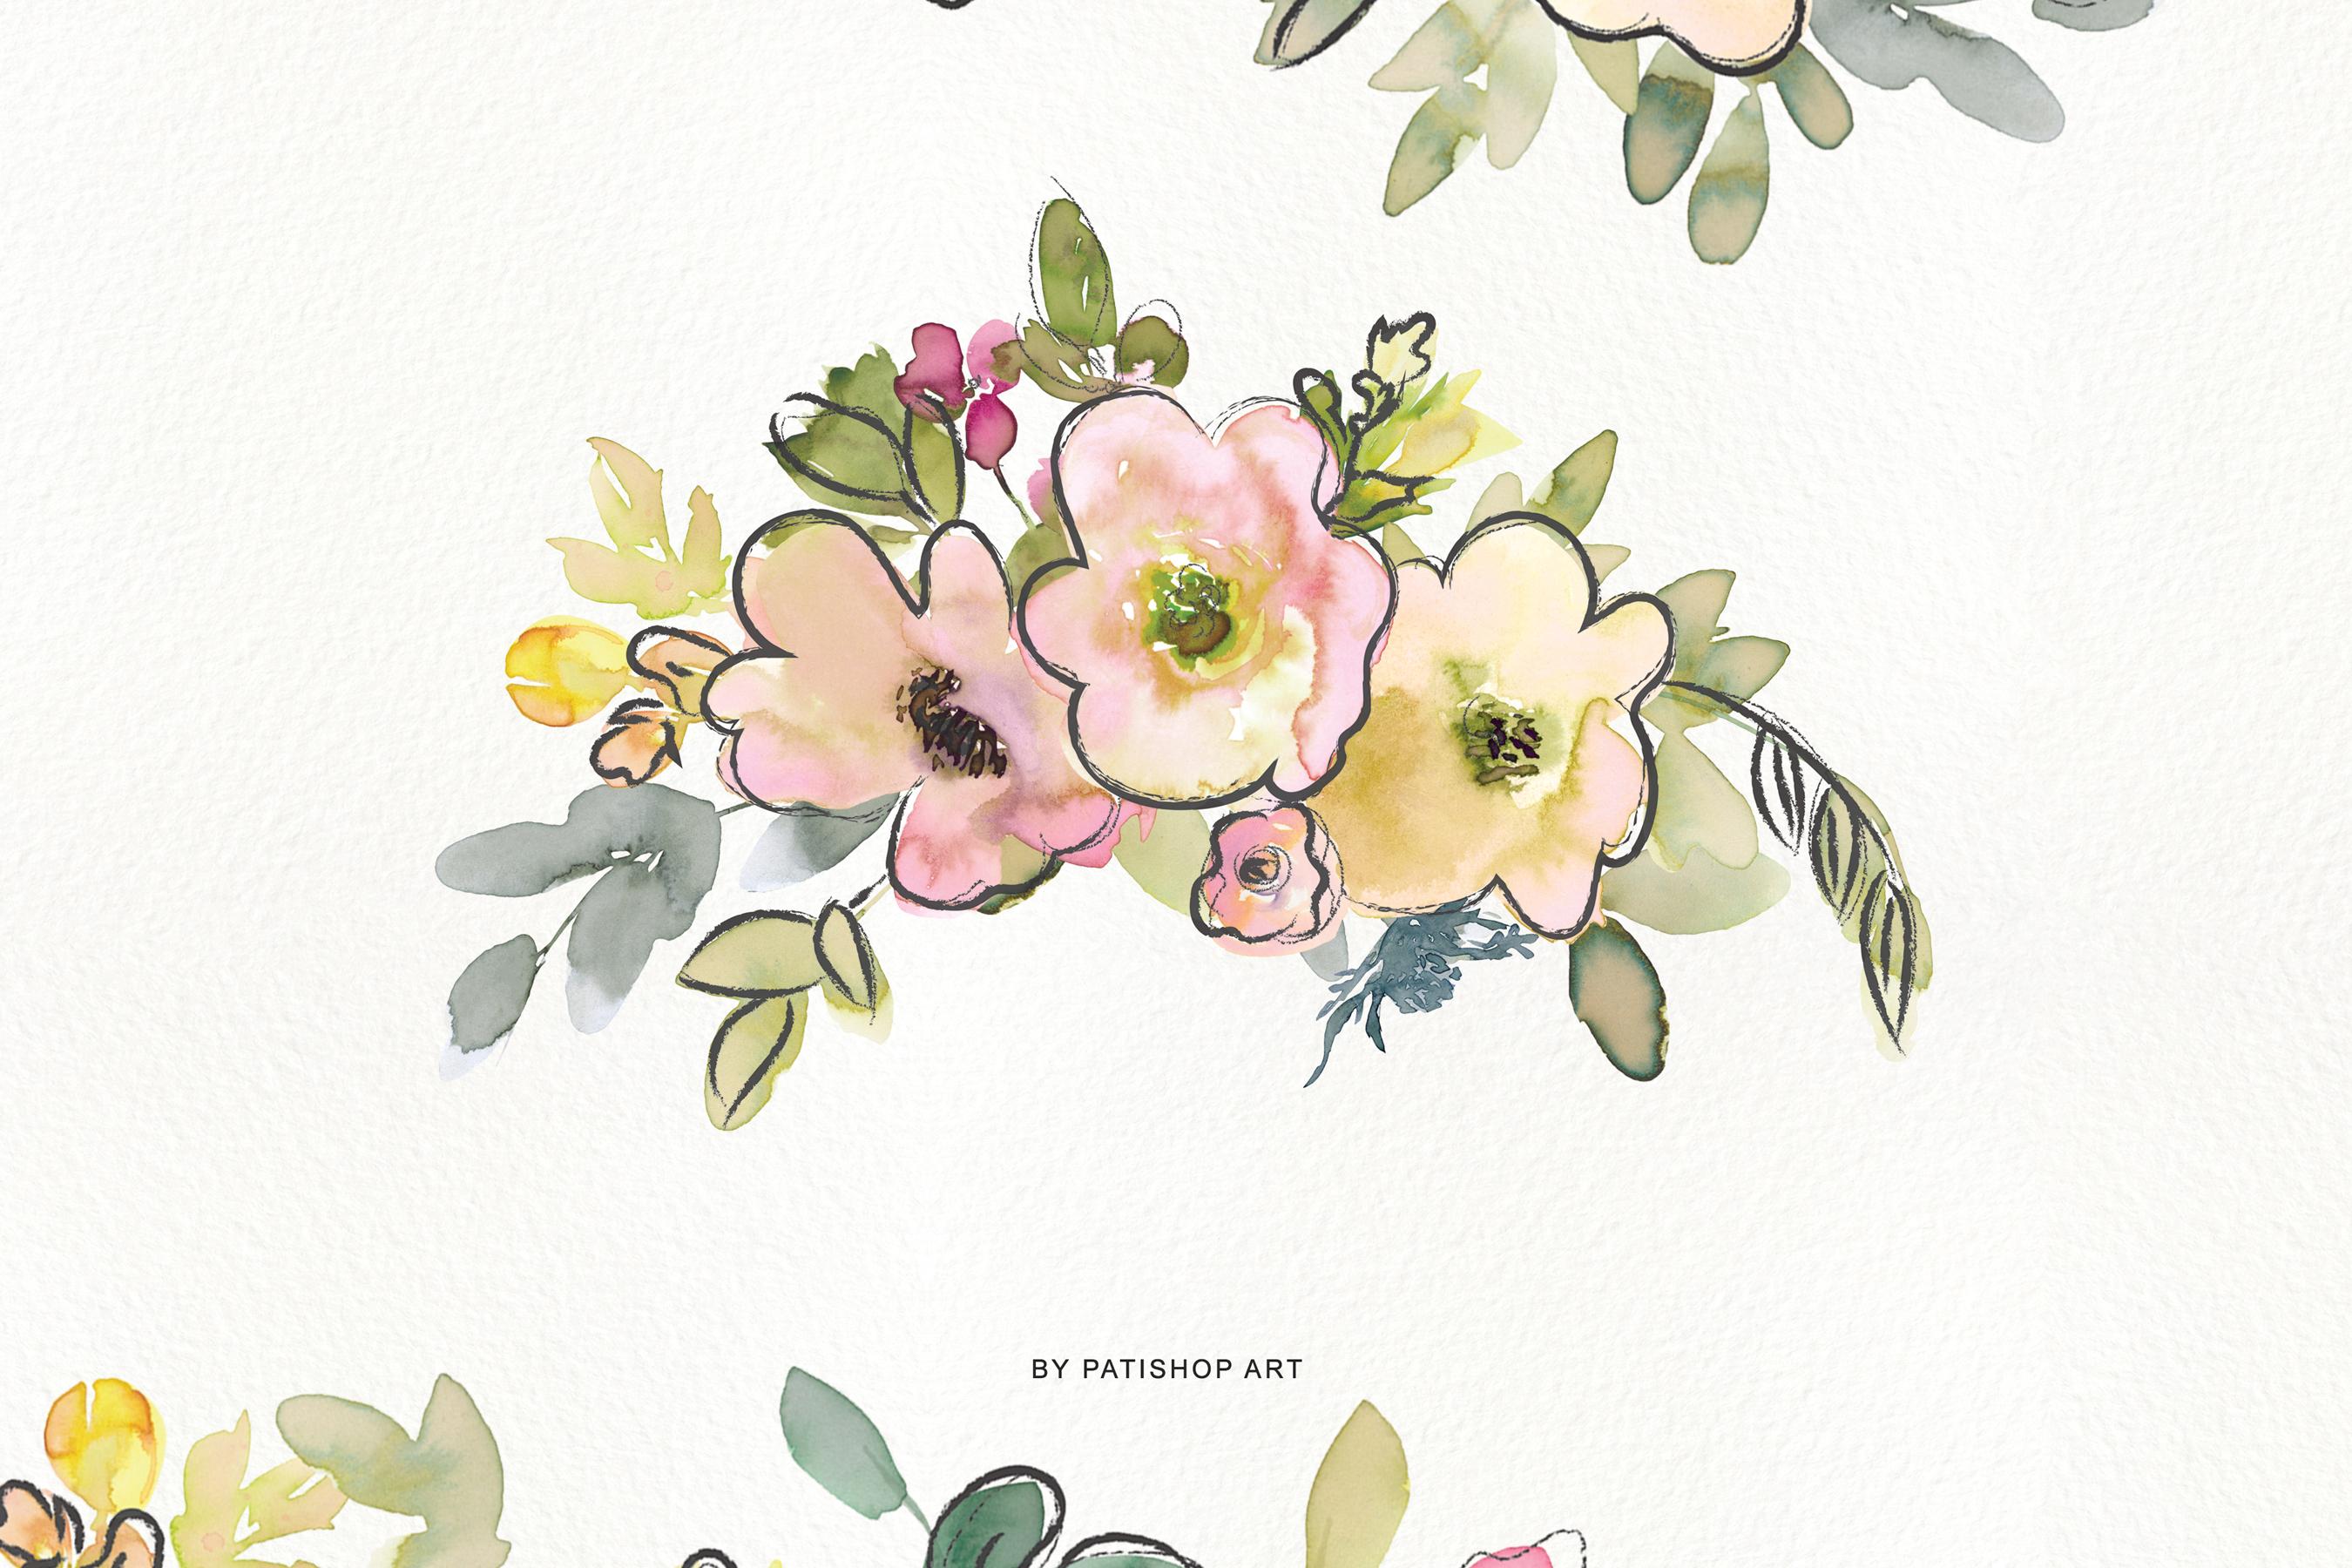 Watercolor Blush and Lemon Colors Floral Arrangements example image 3